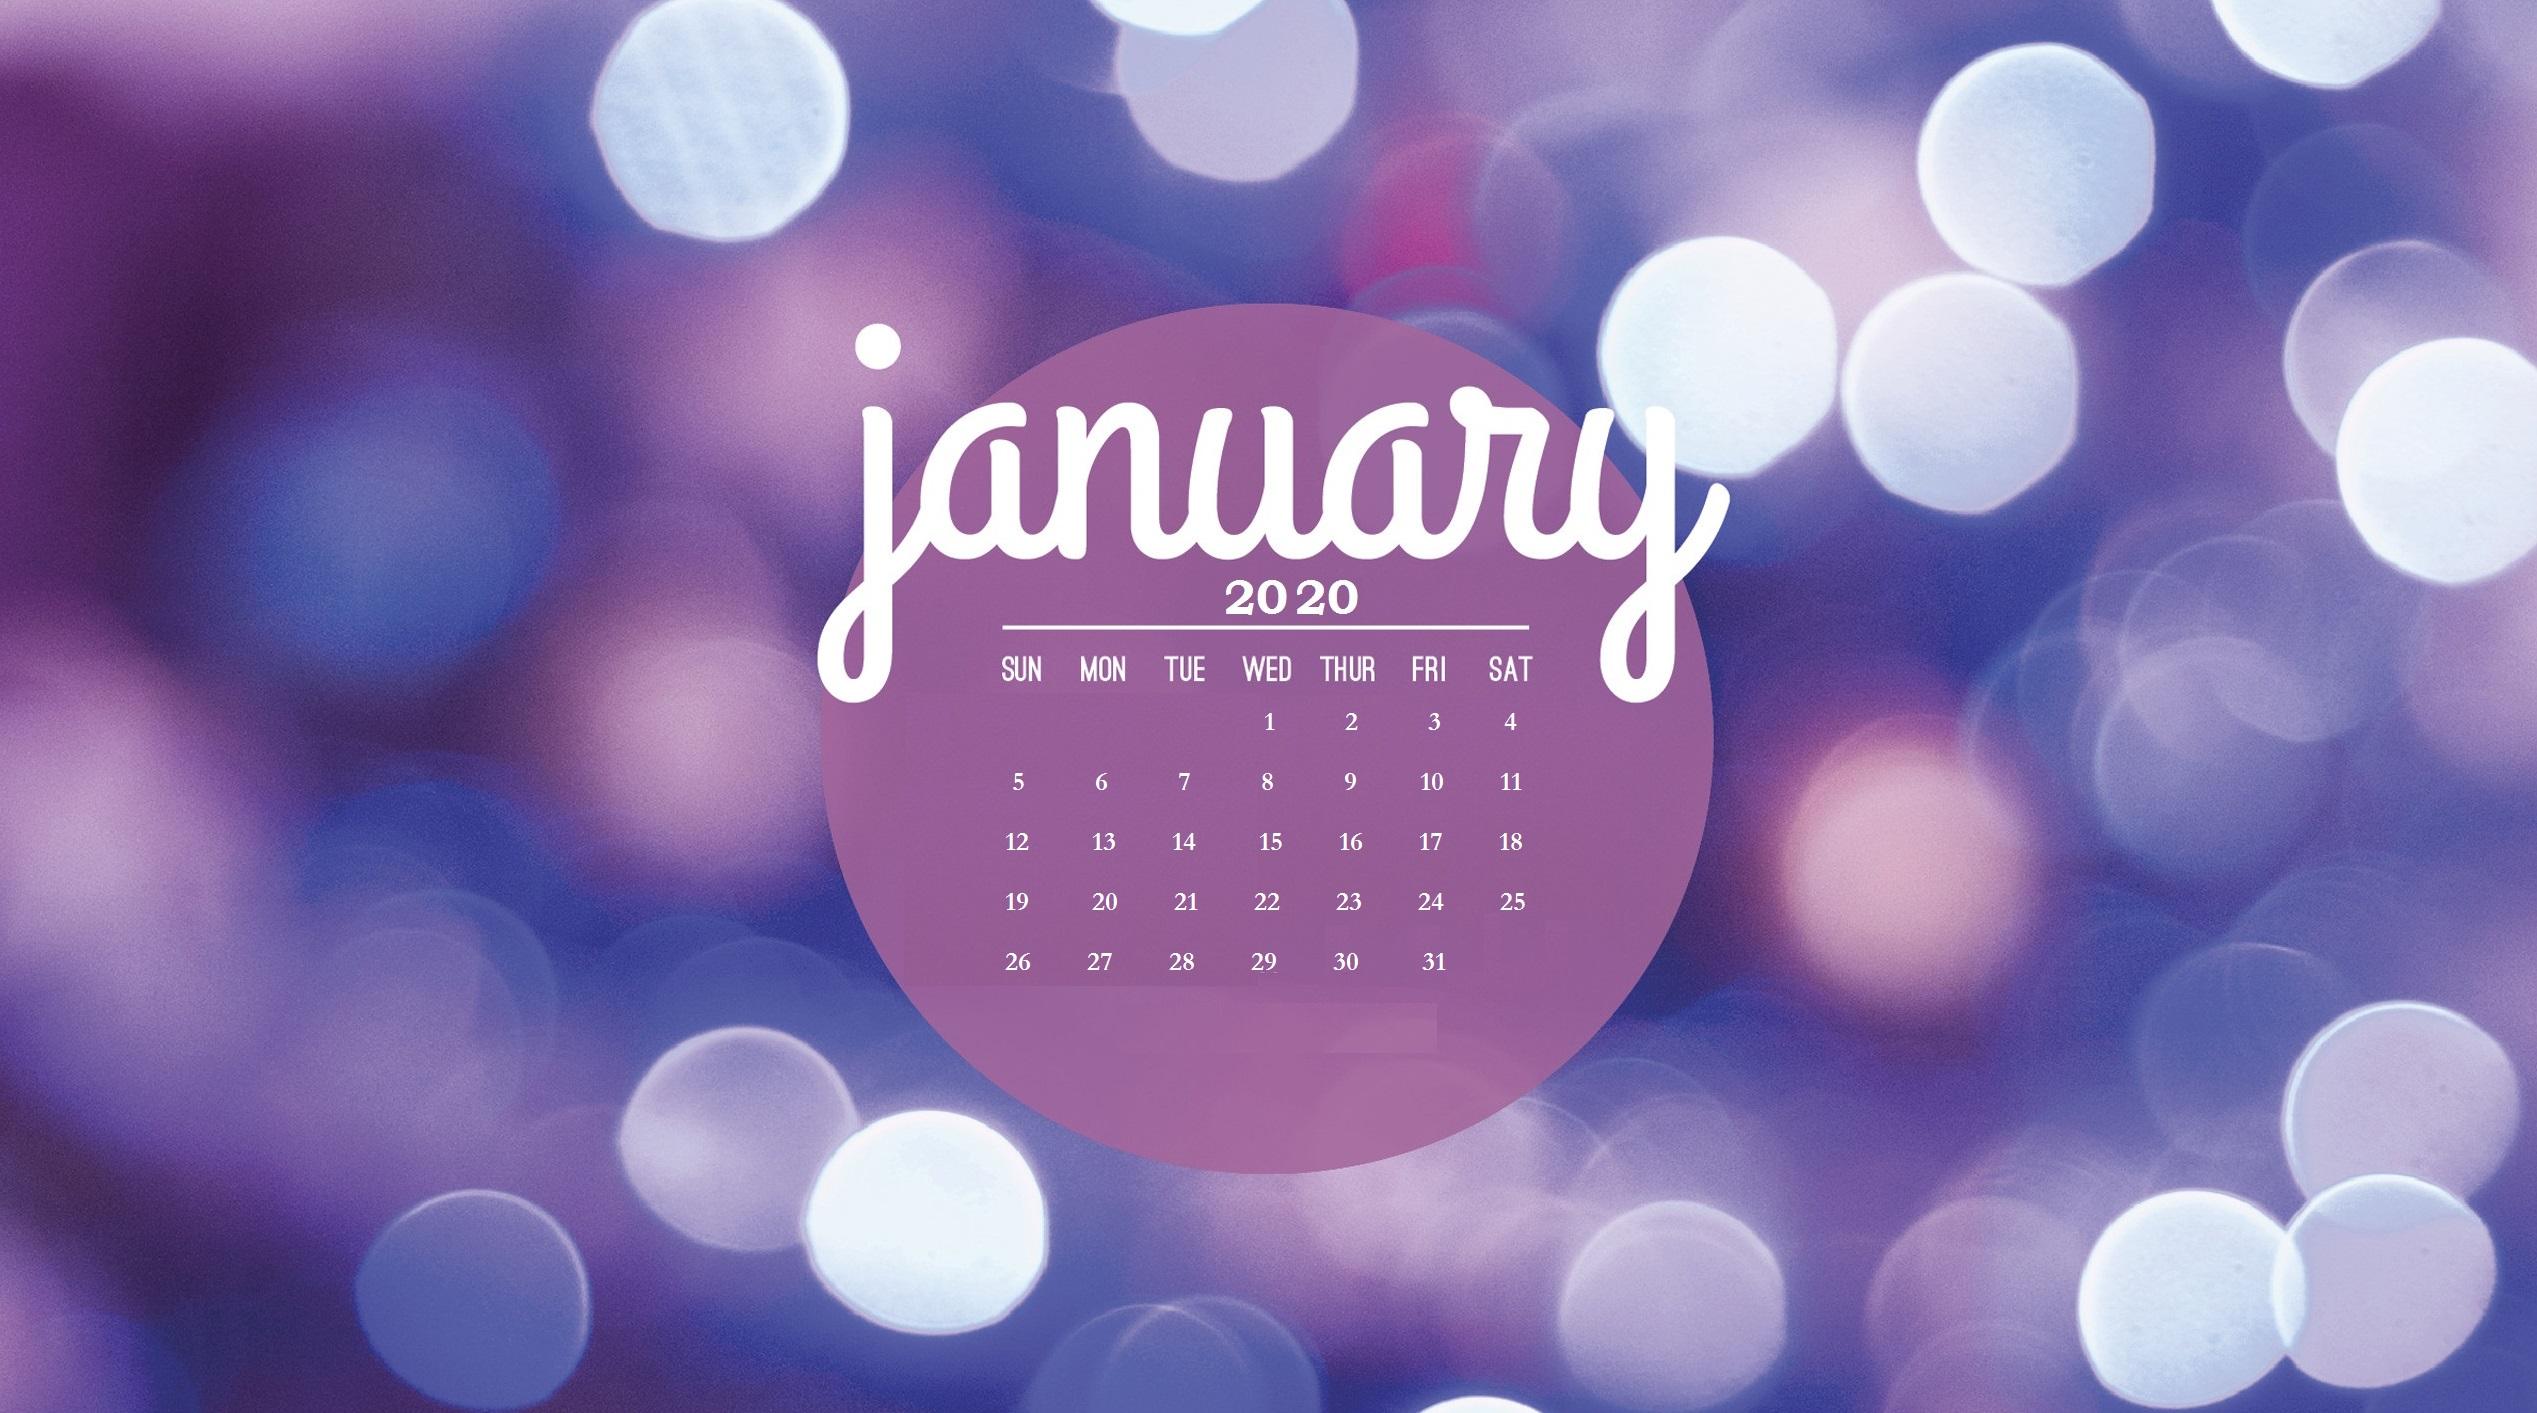 January 2020 Wallpaper Calendar Calendar 2019 2537x1413